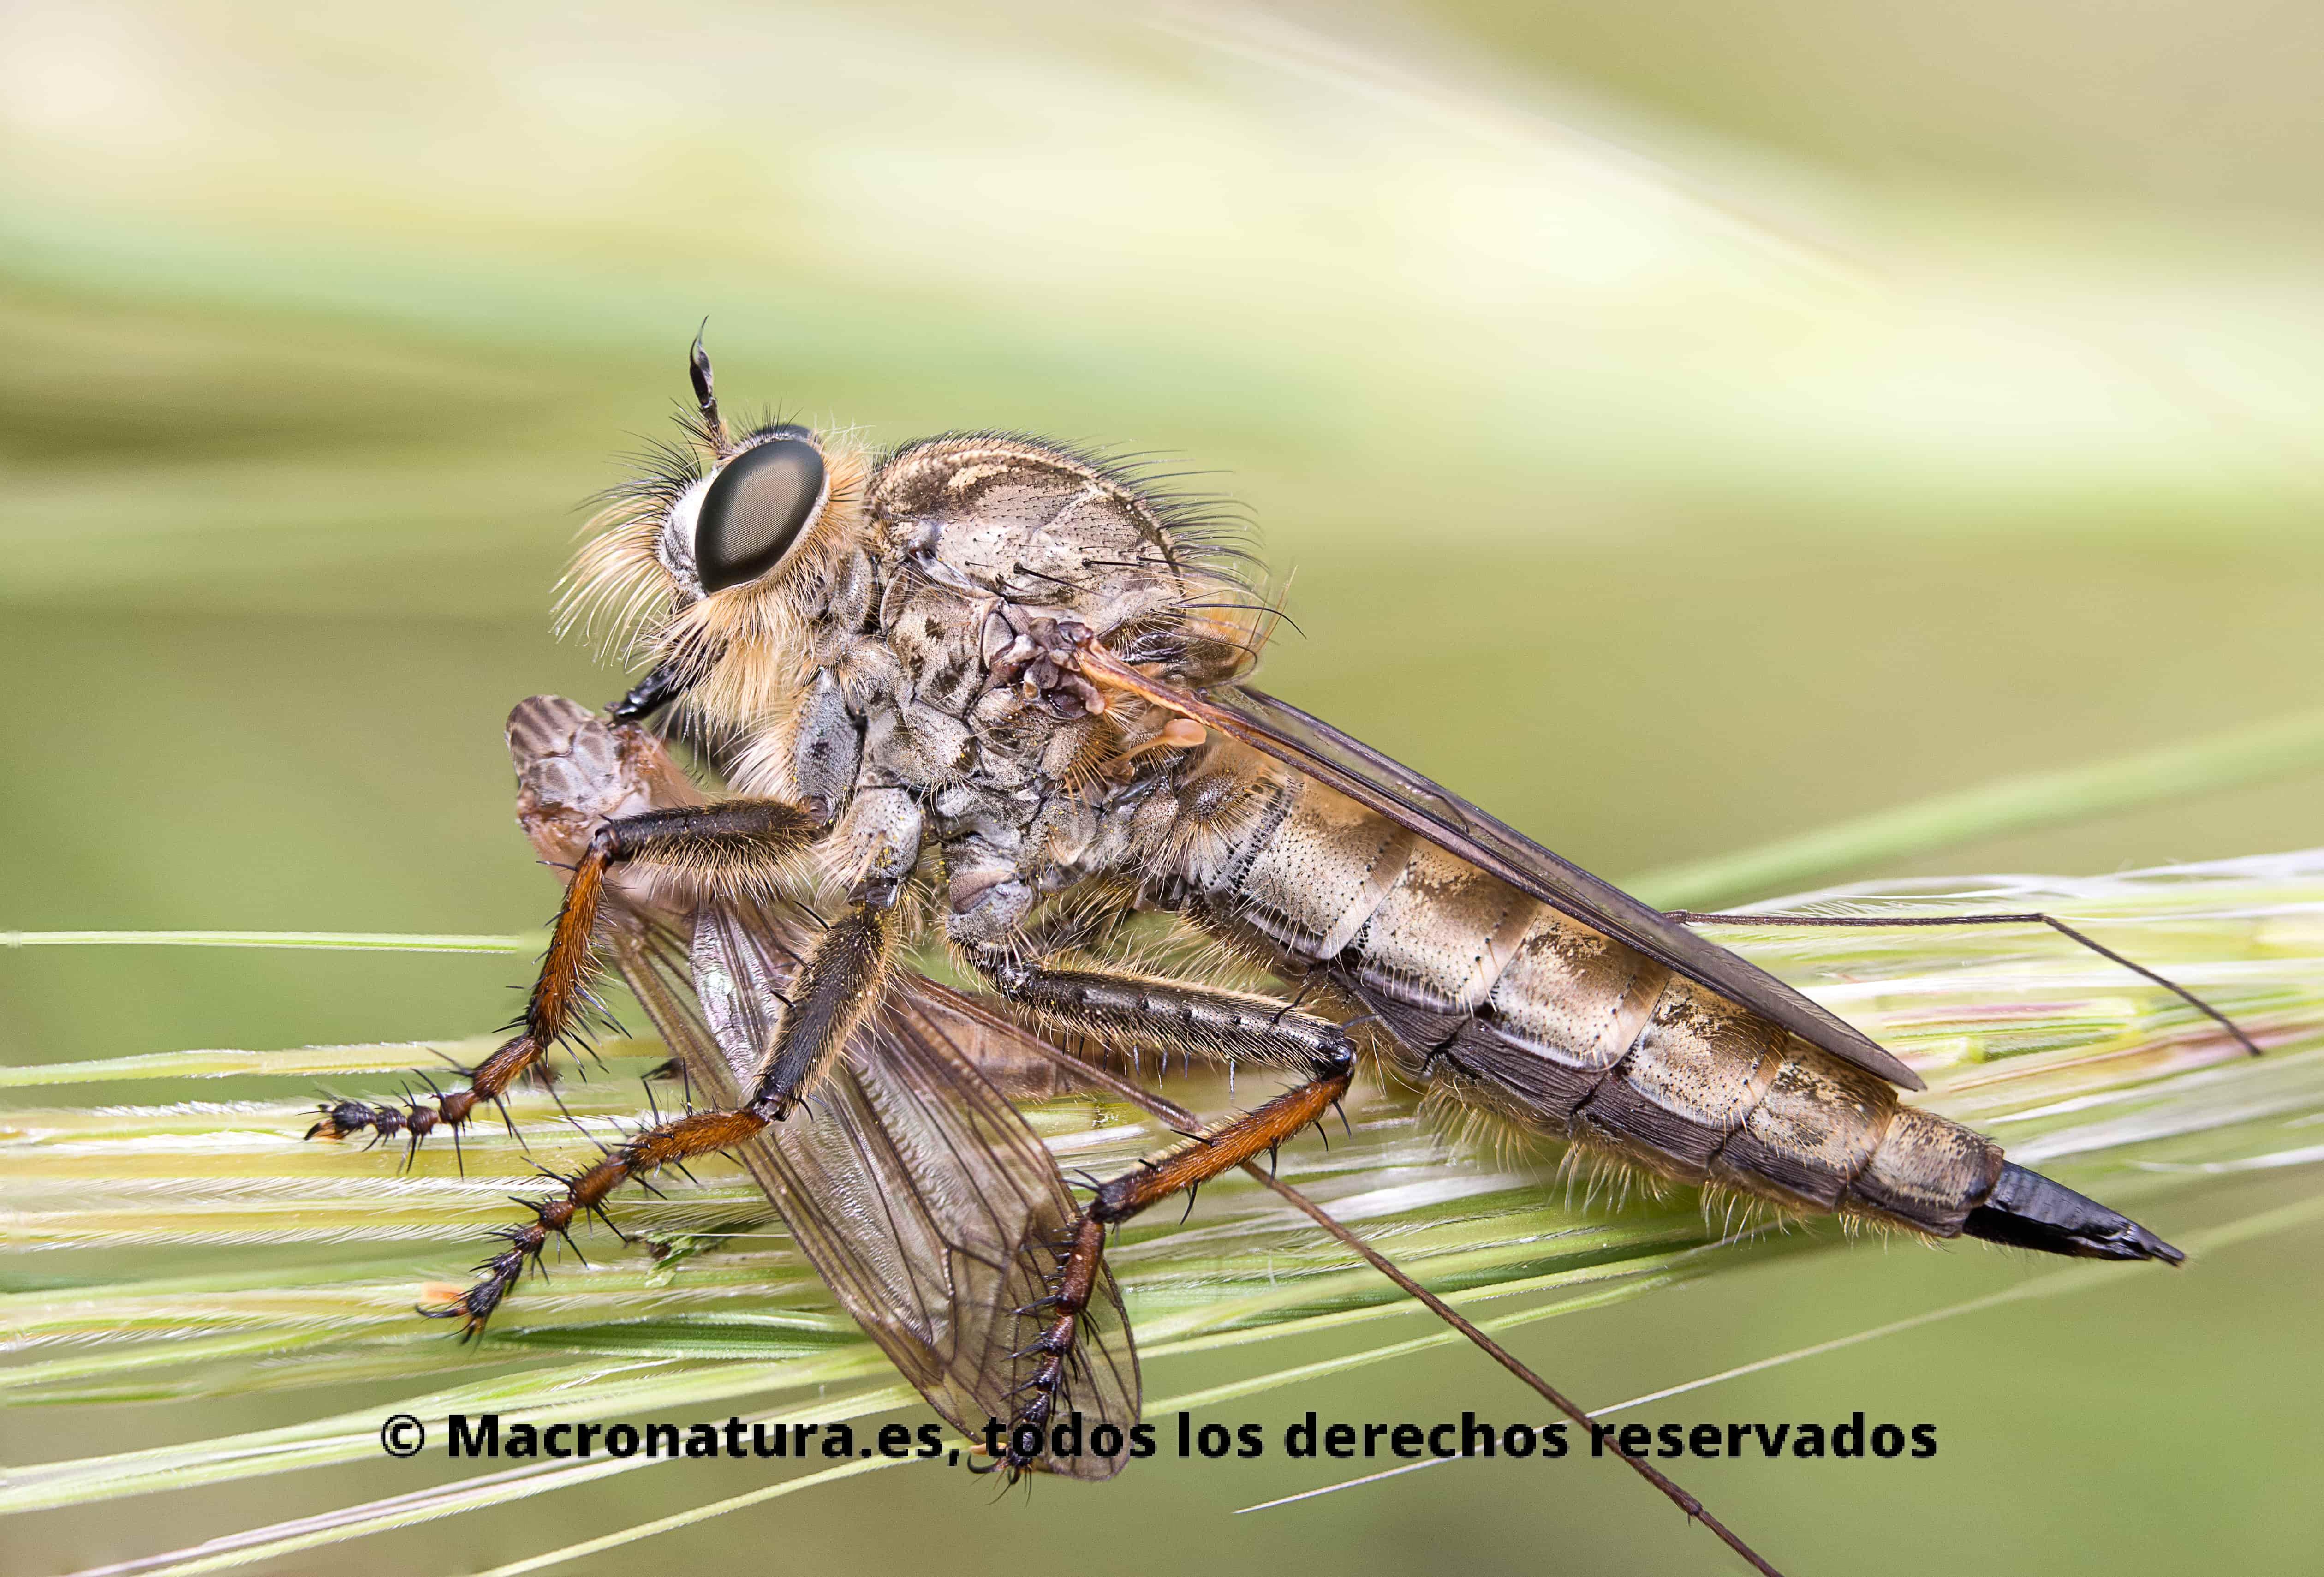 Una mosca salteadora con una presa sobre el tallo de una planta